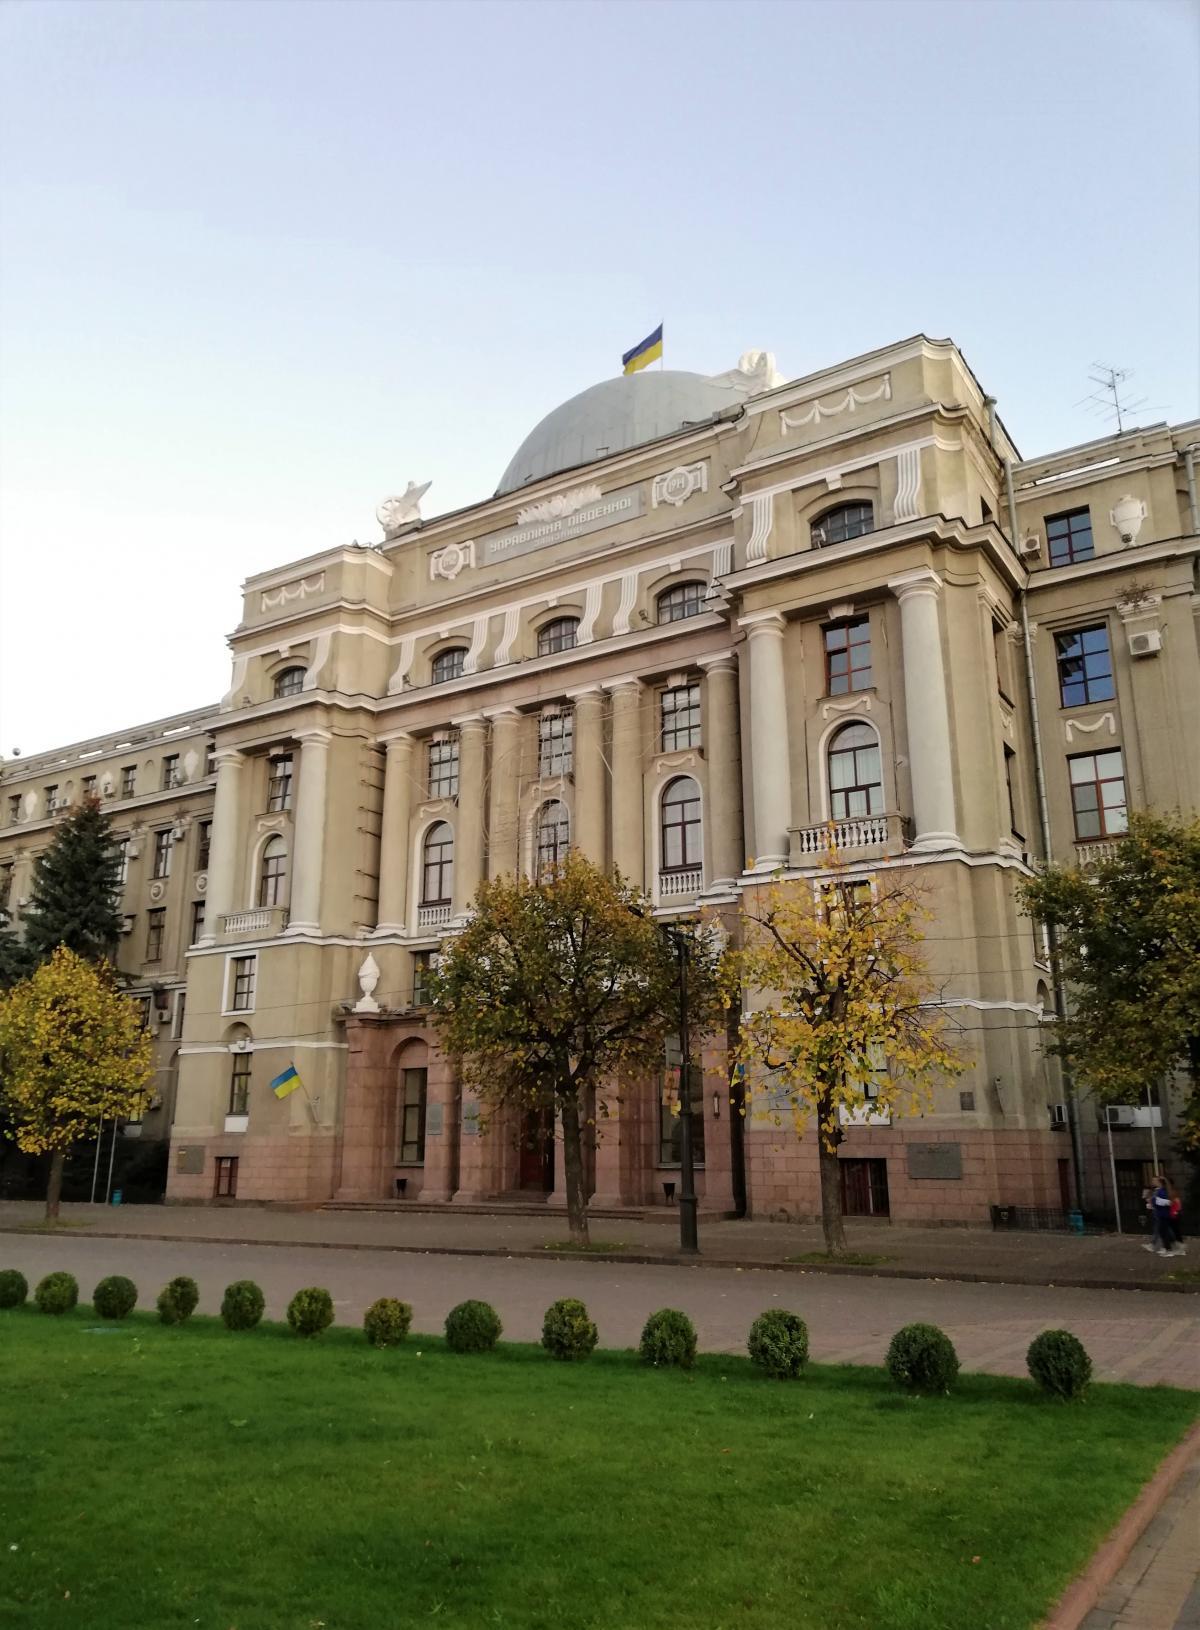 Будівля управління Південної залізниці на Привокзальній площі / фото Марина Григоренко